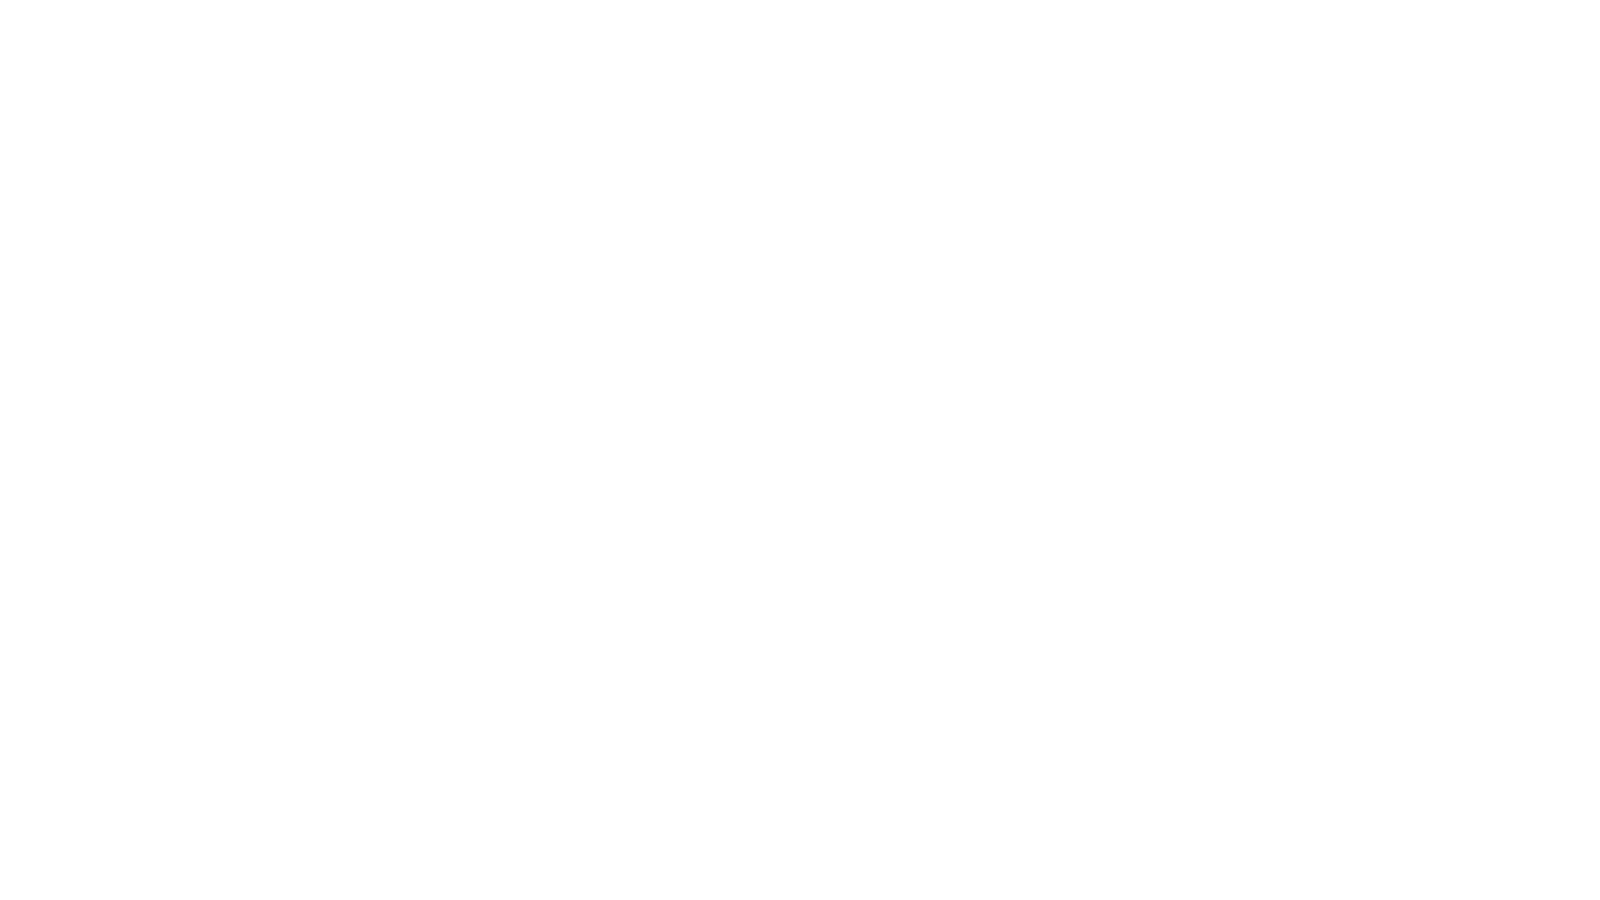 La pandemia ya existente de la violencia sexual contra niñas y adolescentes en América Latina anudada a la falta y denegación de acceso a los servicios de salud sexual y reproductiva en la región, no sólo representa un patrón regional de violaciones de los derechos humanos de las niñas, que las condena a embarazos y maternidades forzadas (como ya fue denunciado en cuatro casos emblemáticos presentados ante el Comité de Derechos Humanos de la ONU), sino que en el contexto actual del COVID-19 se ha exacerbado de manera alarmante poniendo en grave riesgo las vidas y la salud de miles de niñas en la región.